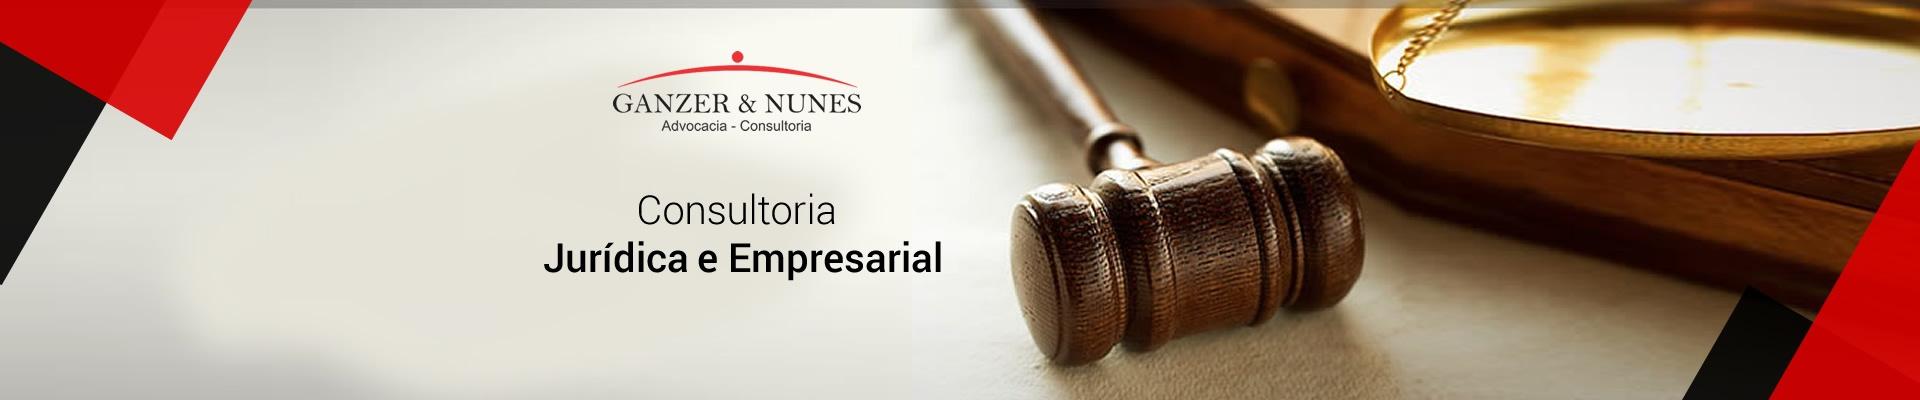 Consultoria Jurídica e Empresárial